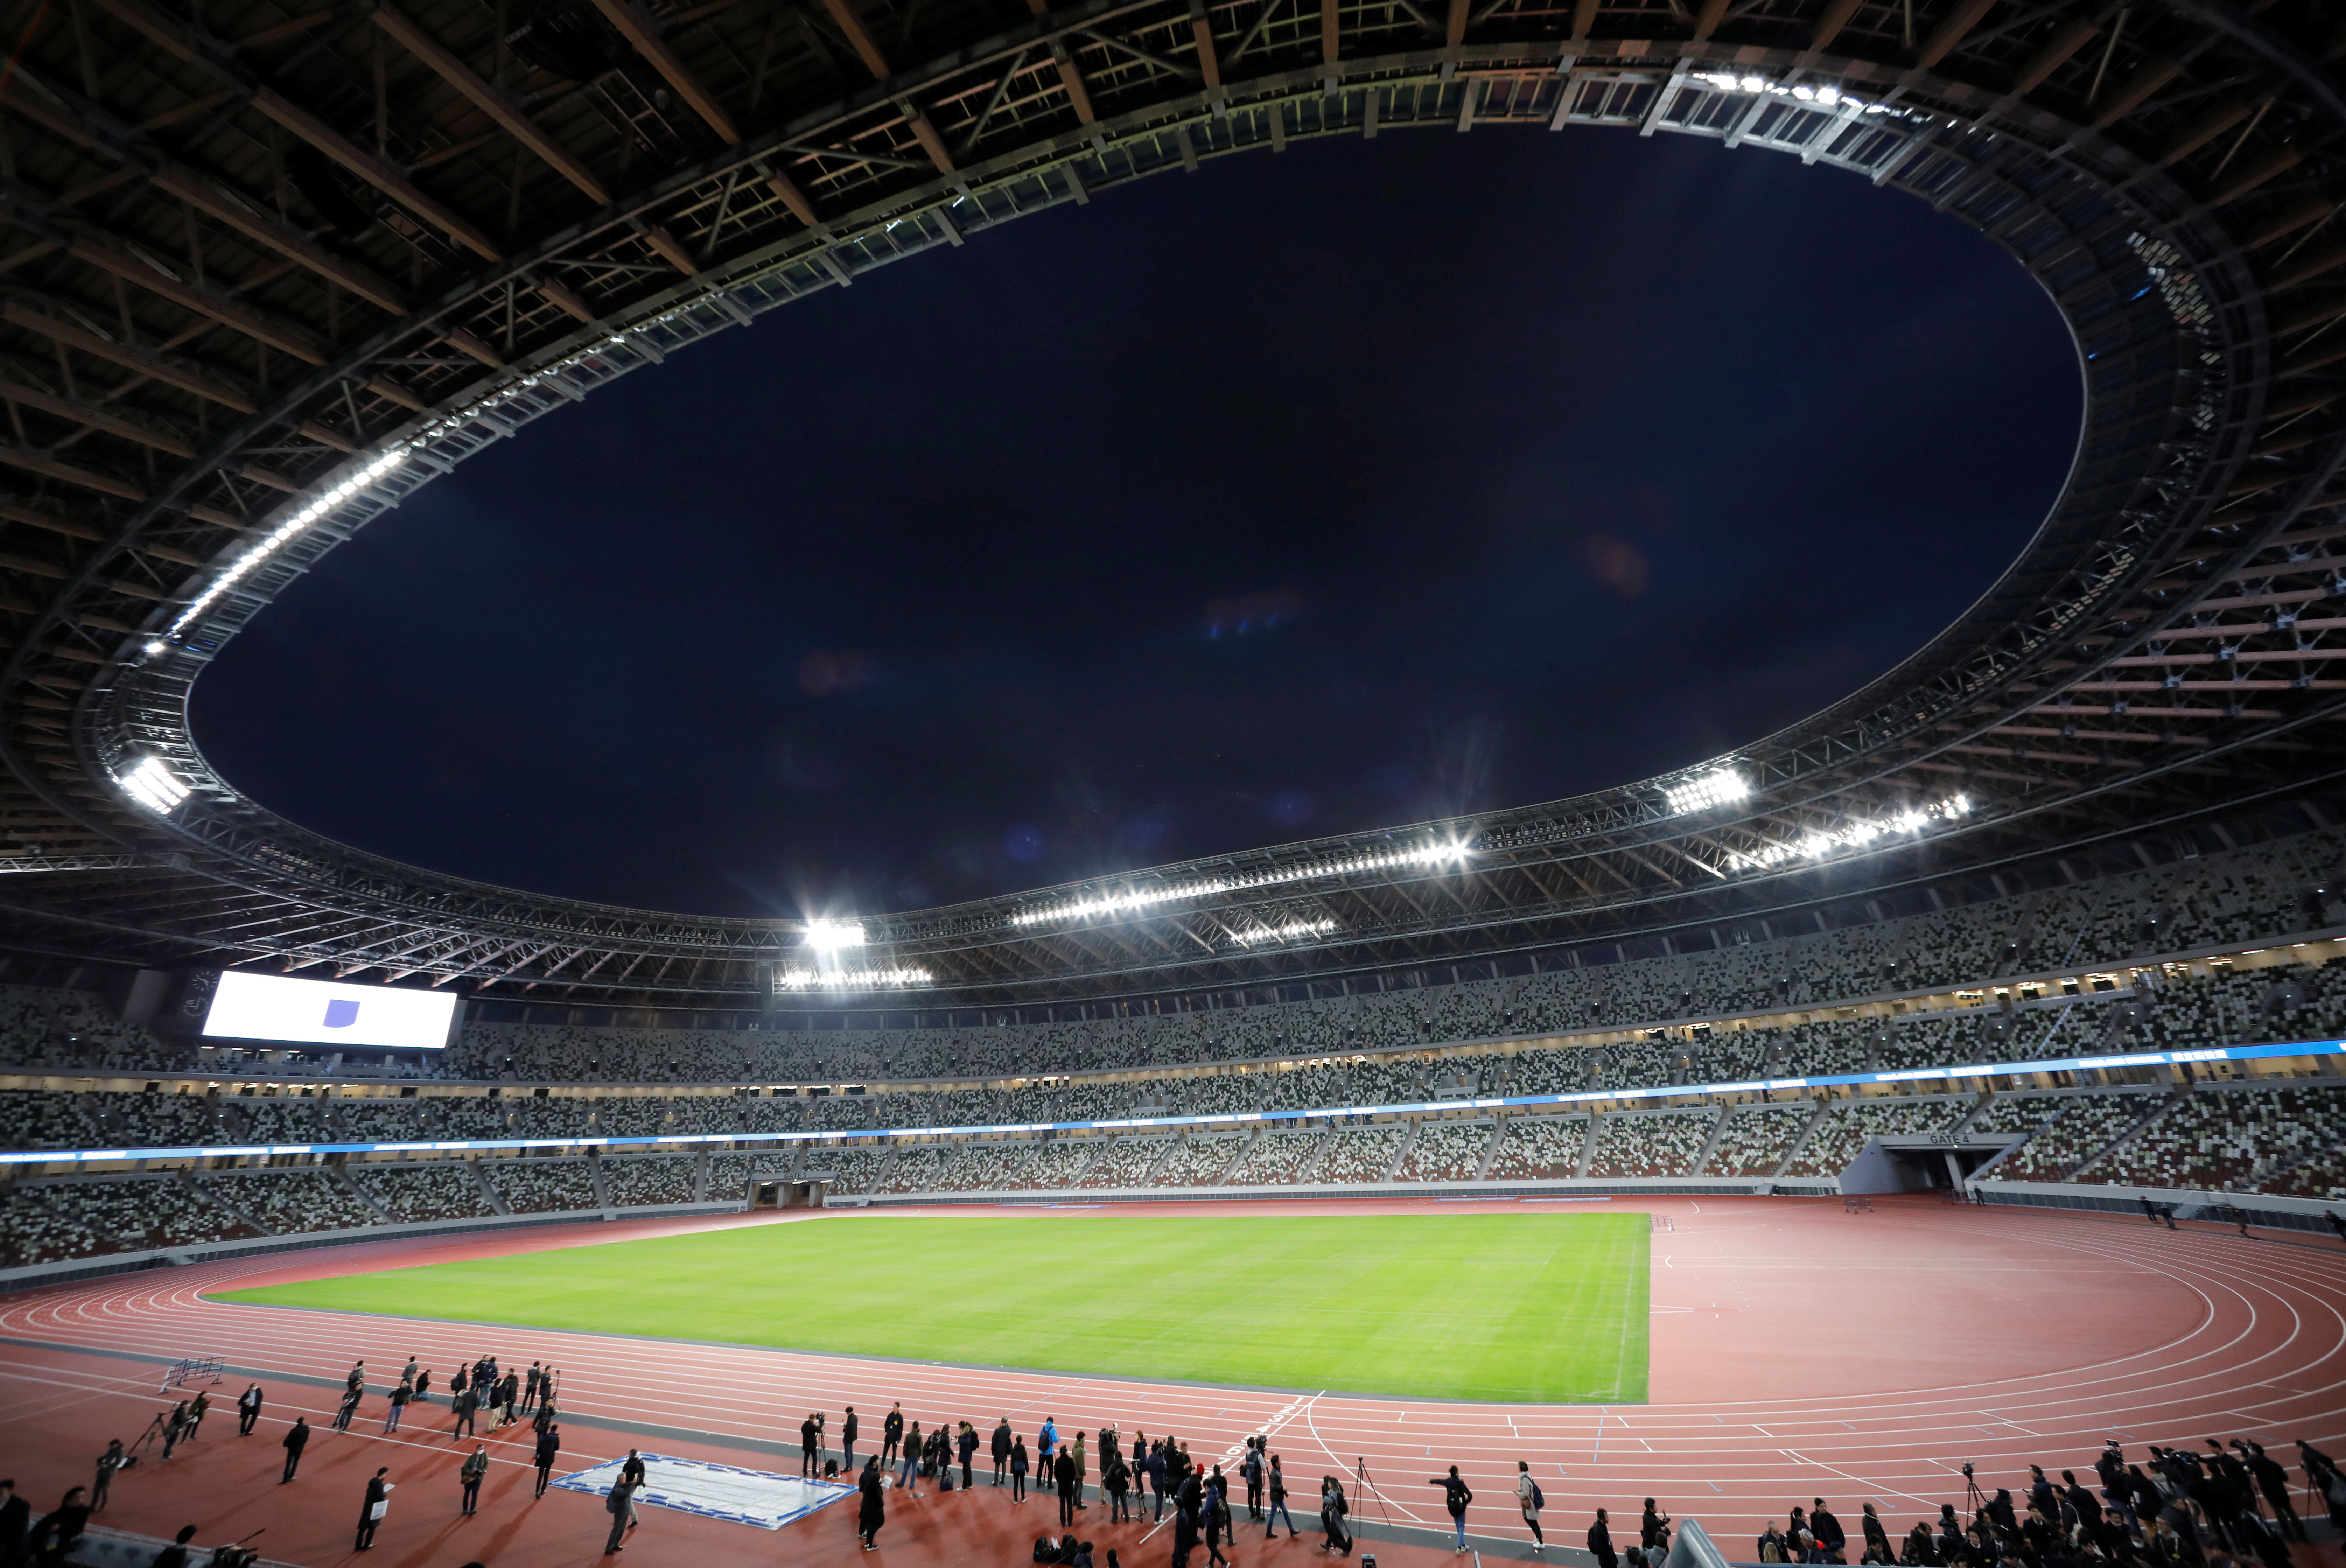 Tokio 2020 tendrá la incorporación de cinco nuevos deportes: béisbol (masculino) y softbol (femenino), karate, skate, surf y escalada deportiva. Estos últimos tres harán su debut en la historia olímpica, lo mismo que el básquetbol 3×3, que se suma al calendario